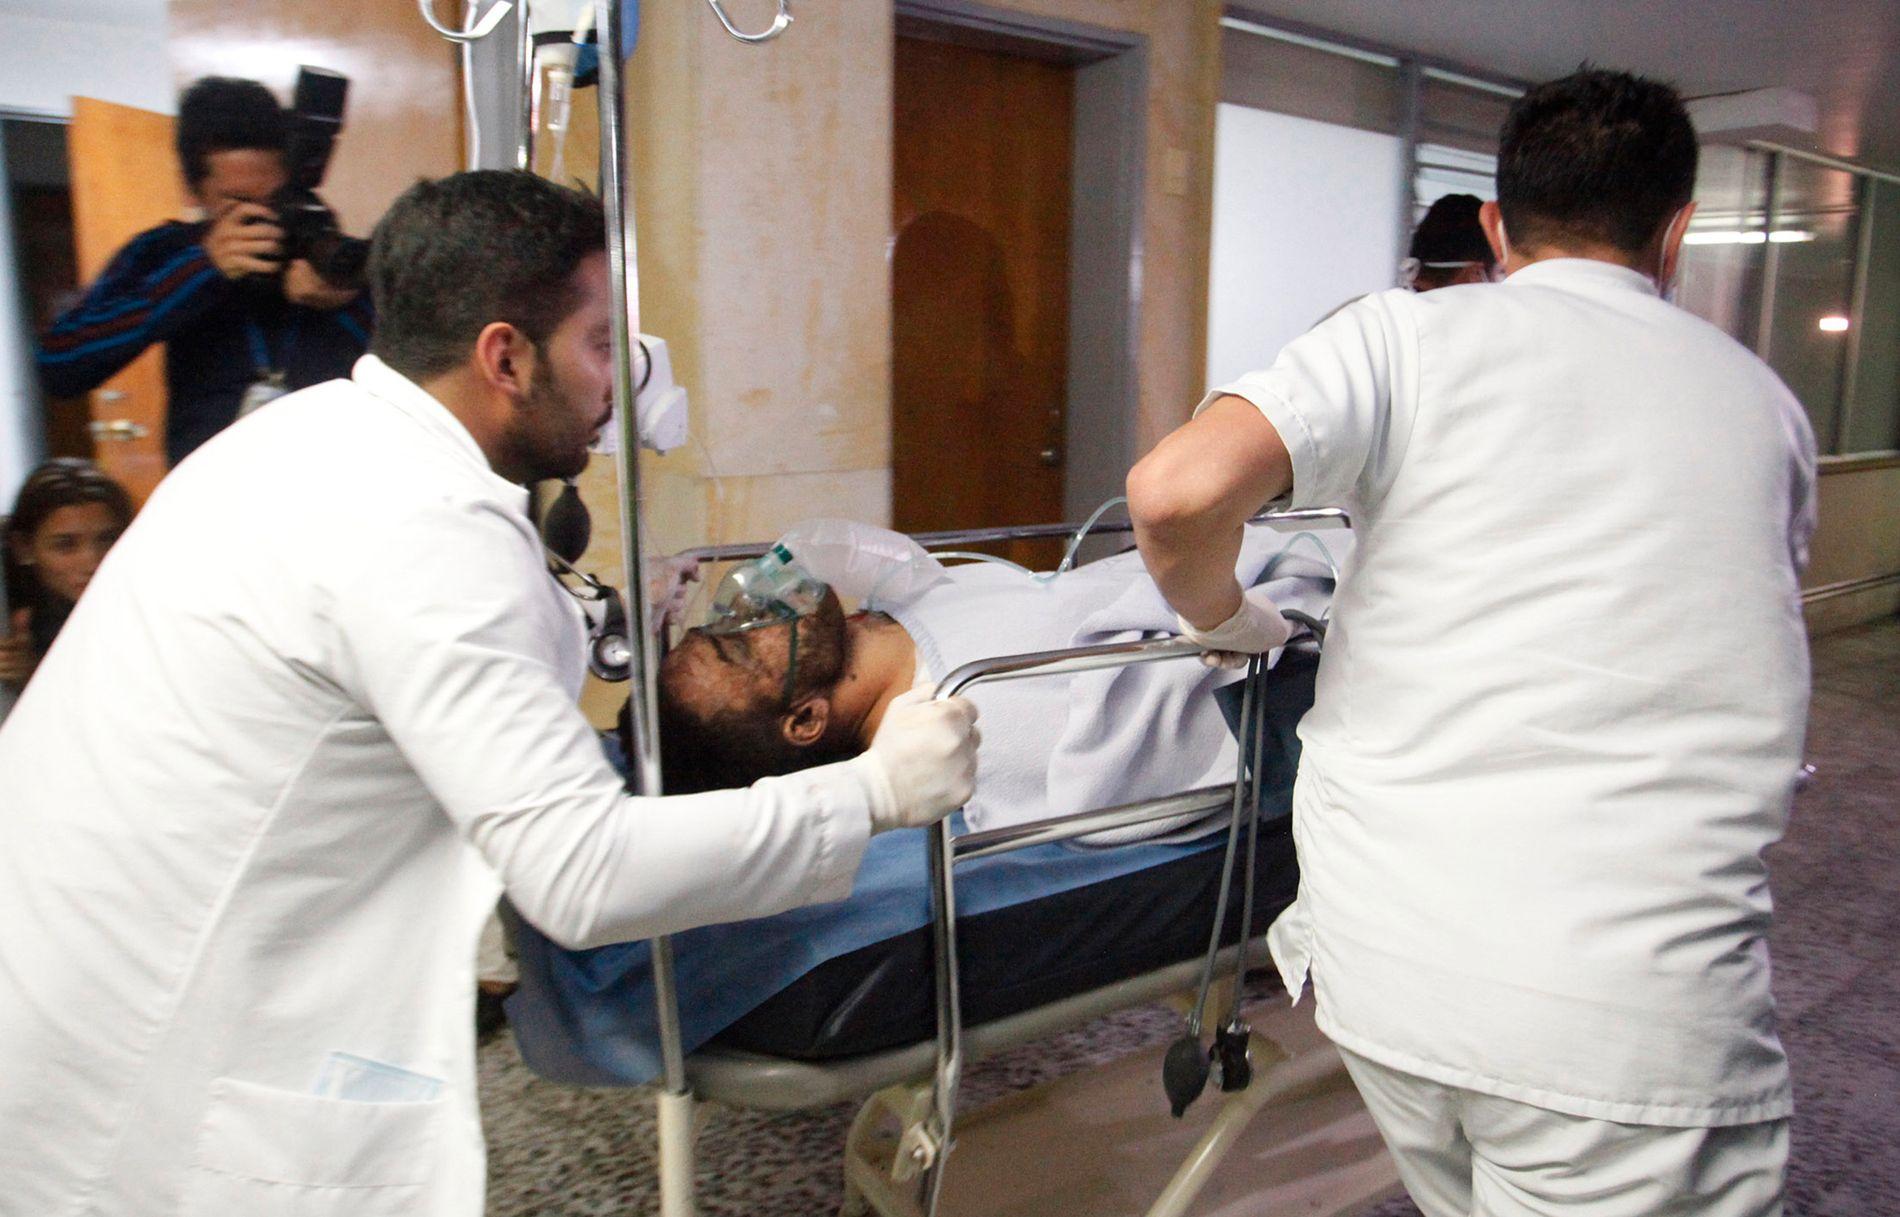 FUNNET I LIVE: Alan Ruschel overlevde på mirakuløst vis flystyrten som krevde 71 menneskeliv tirsdag morgen norsk tid. Her er han på vei inn på sykehuset i La Ceja.